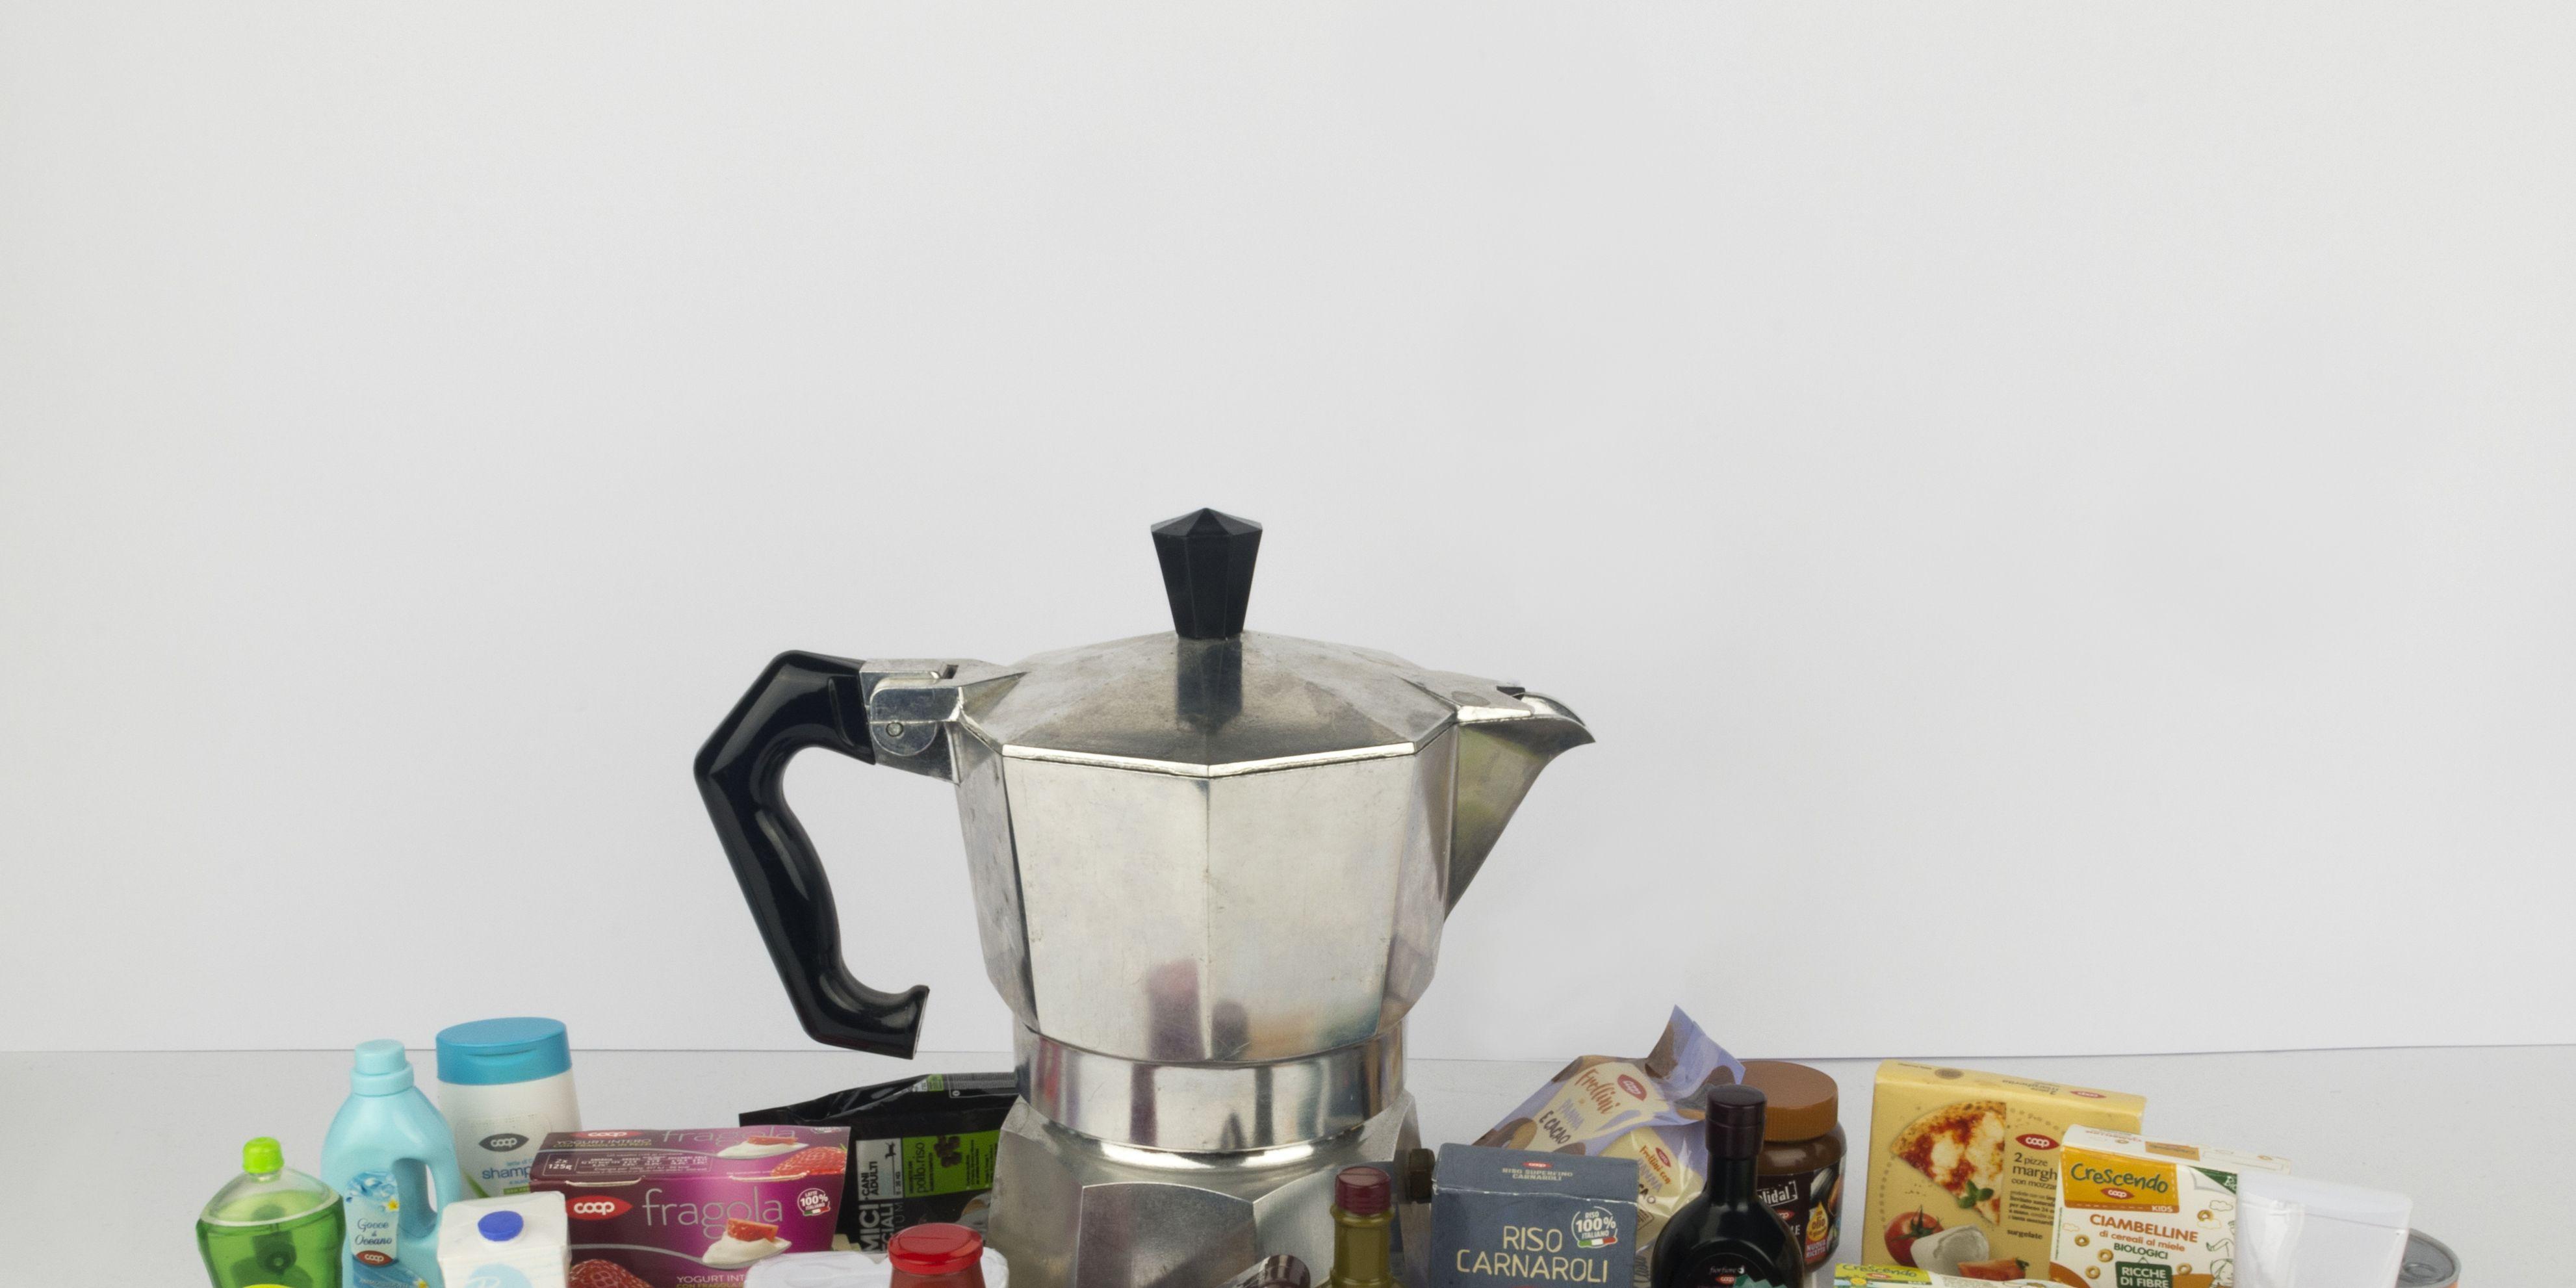 caffettiera Bialetti e miniature prodotti Coop nella mostra Coop_70. Valori in Scatola alla Triennale di Milano